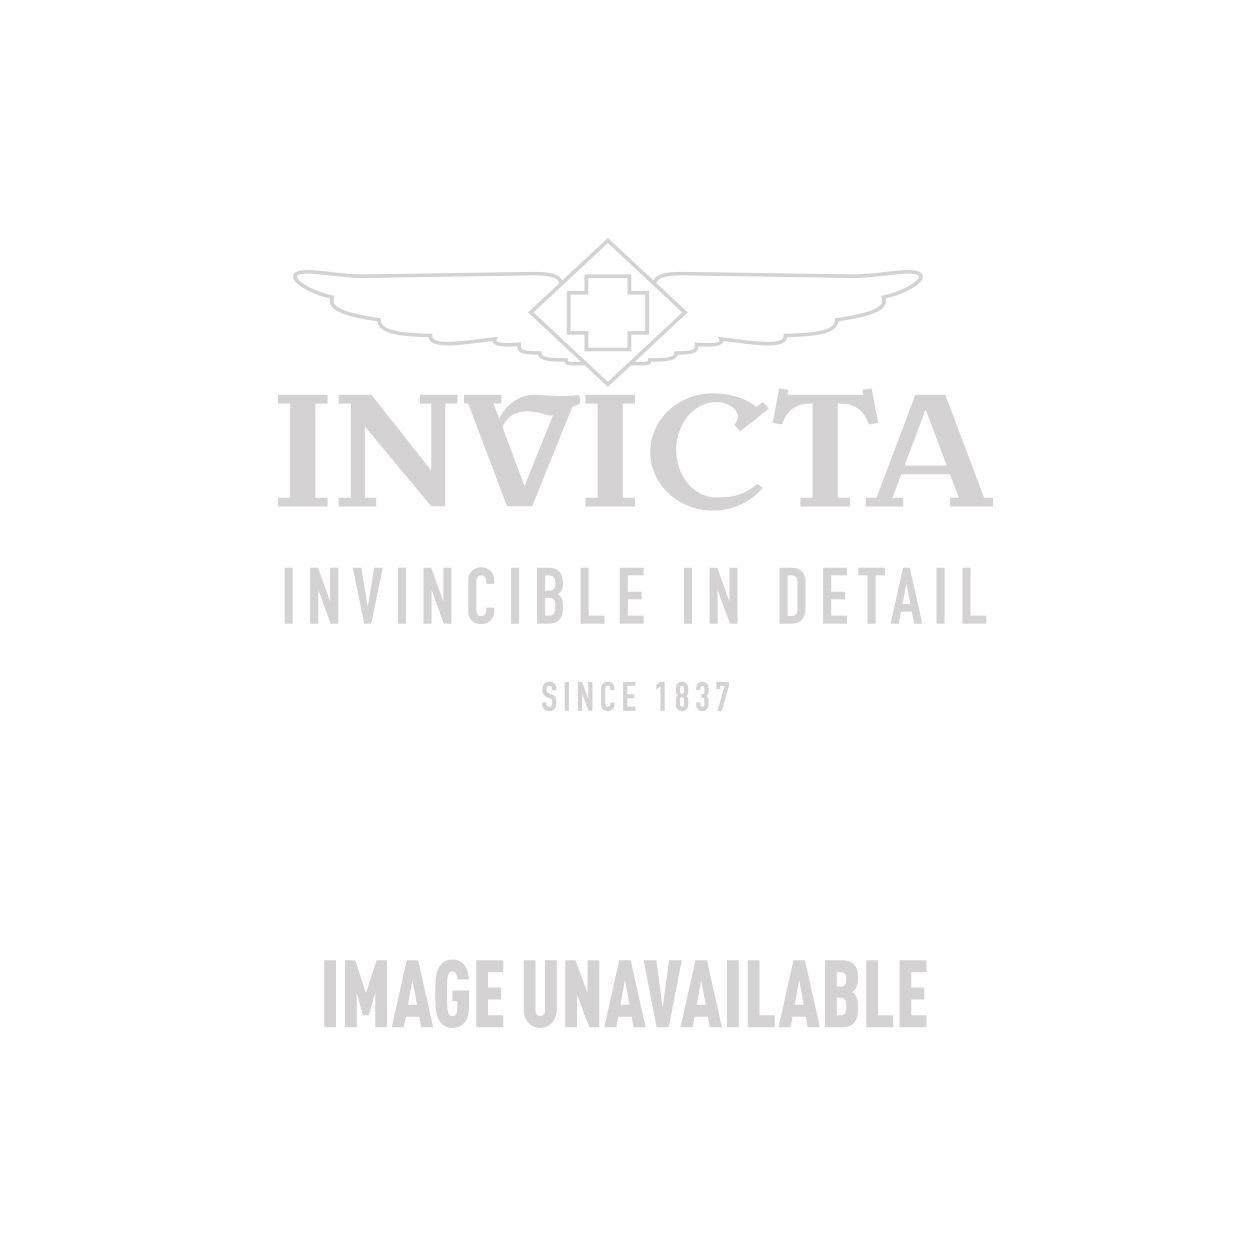 Invicta Model 25586